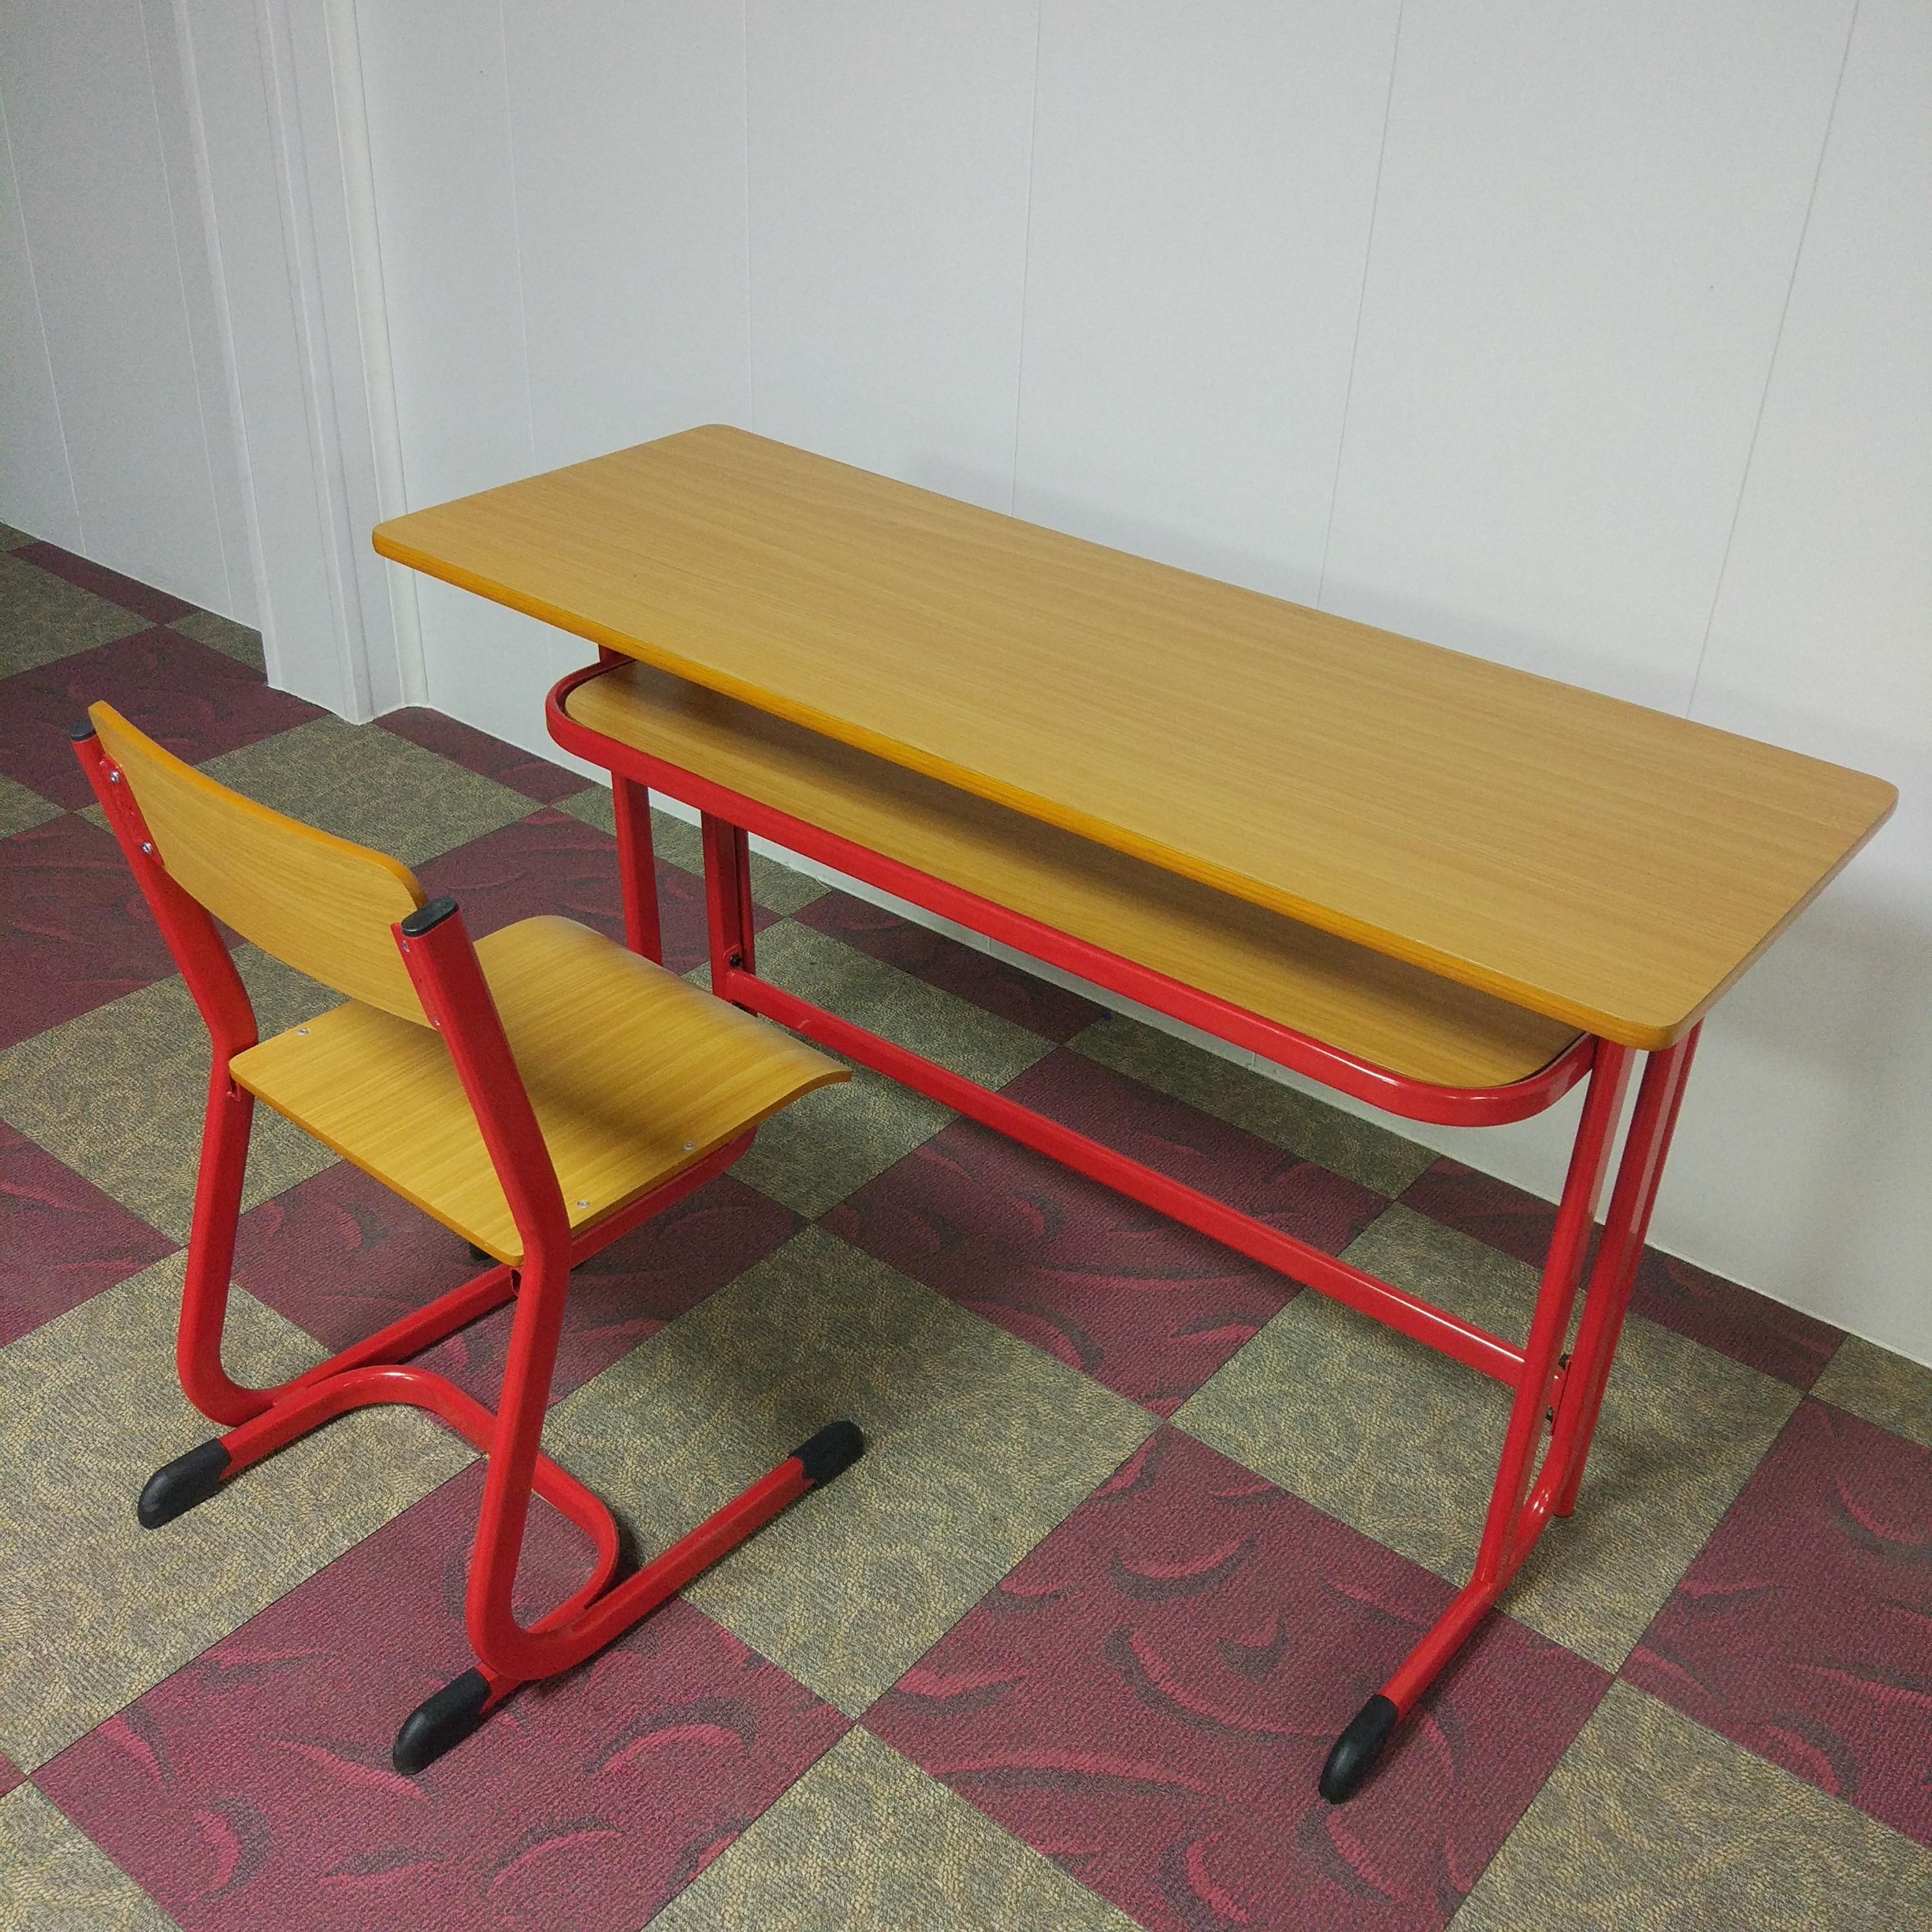 Mesas E Cadeiras De Plastico Usadas Baratas De Atacado Compre Os Melhores Lotes Mesas E Cadeiras De Plastico Usadas Baratas De Atacadistas Mesas E Cadeiras De Plastico Usadas Baratas Da China